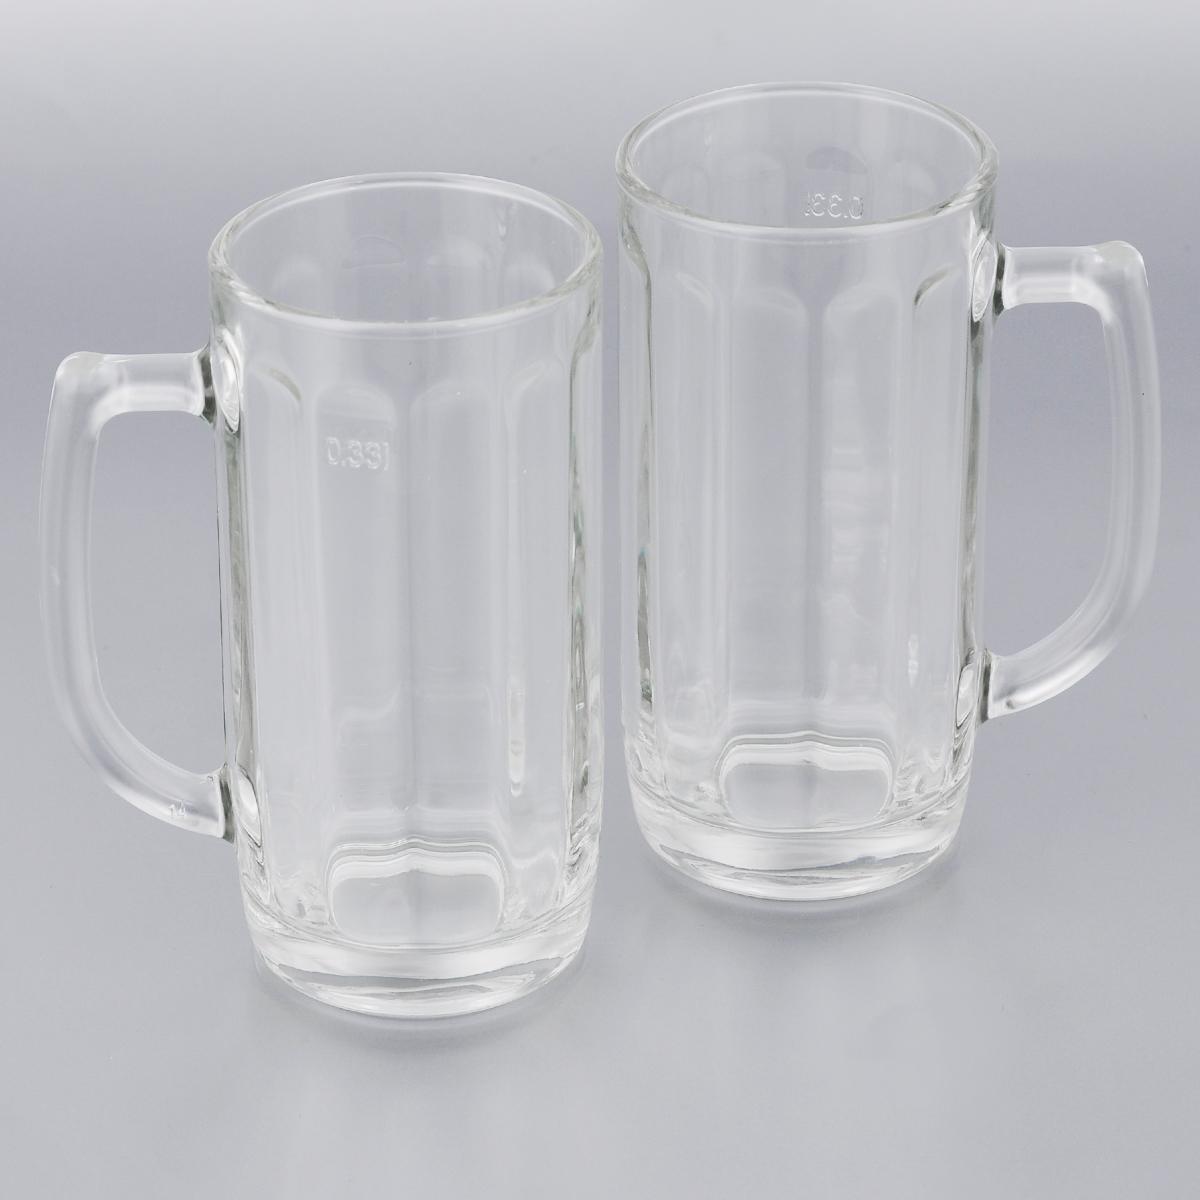 """Набор Luminarc """"Гамбург"""" состоит из двух кружек, выполненных из упрочненного стекла. Кружки предназначены для подачи пива. Они сочетают в себе элегантный дизайн и функциональность. Грани кружек подчеркнут цвет напитка, а толщина стенок поможет сохранить пиво прохладным. Благодаря такому набору кружек пить напитки будет еще приятнее.Набор кружек для пива Luminarc """"Гамбург"""" идеально подойдет для сервировки стола и станет отличным подарком к любому празднику. Можно мыть в посудомоечной машине.Диаметр кружек: 7 см.Высота кружек: 15 см."""